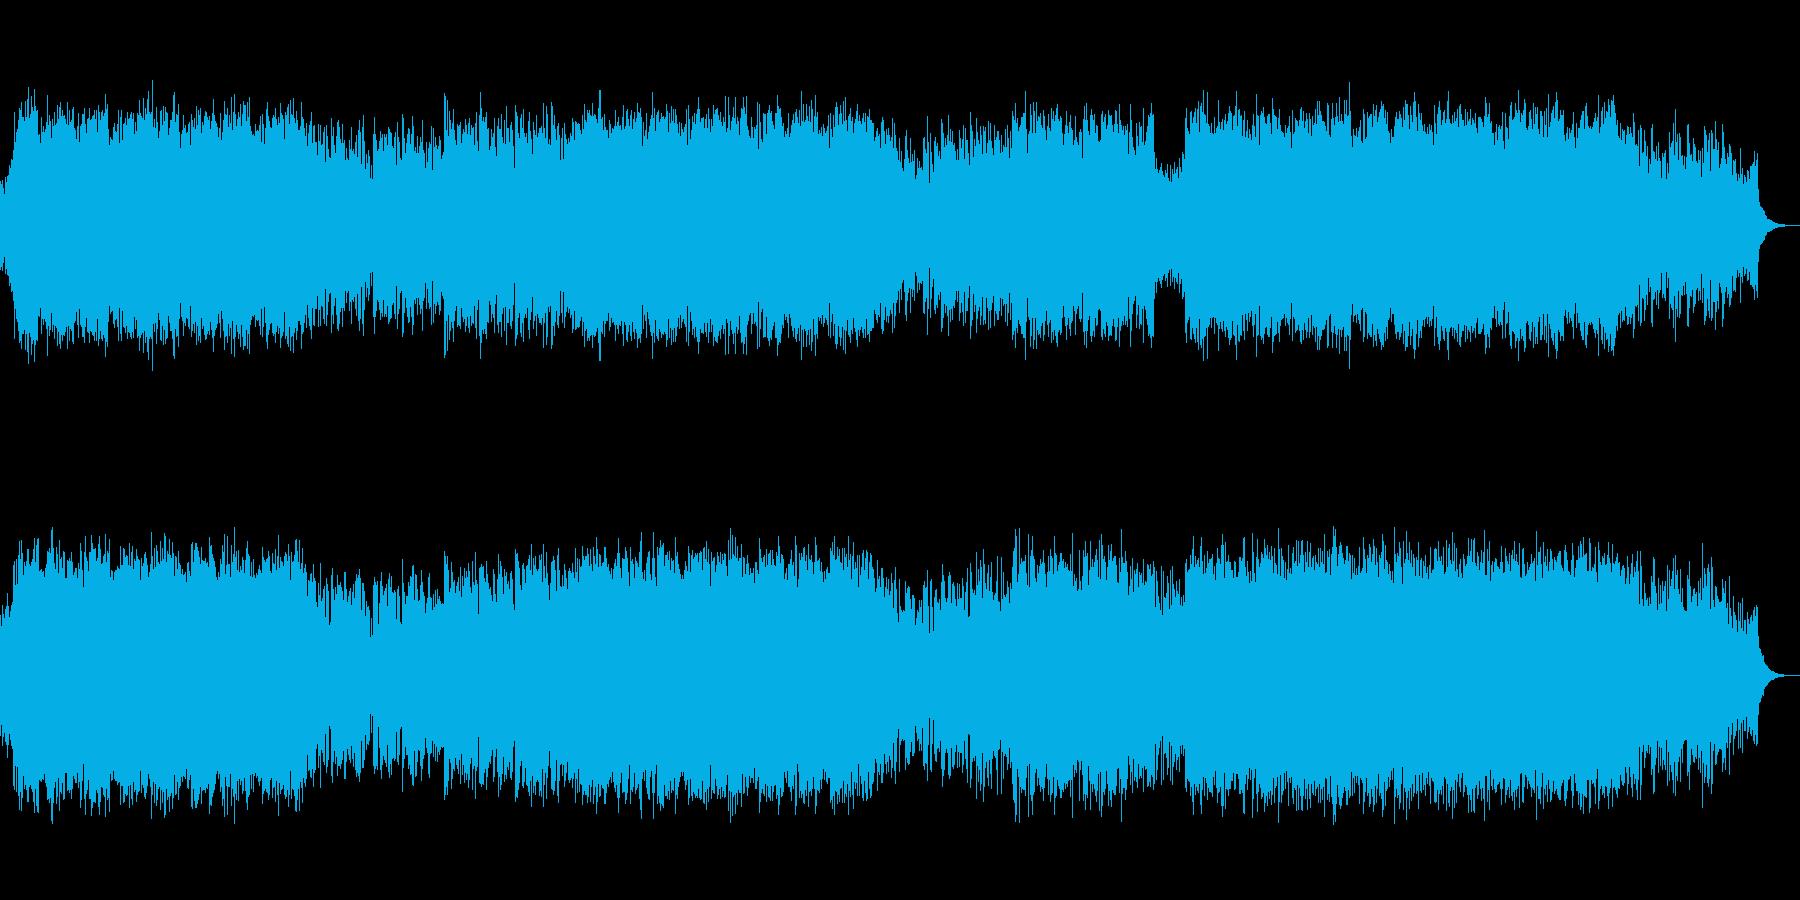 尺八の生演奏!疾走感と透明感の和風EDMの再生済みの波形